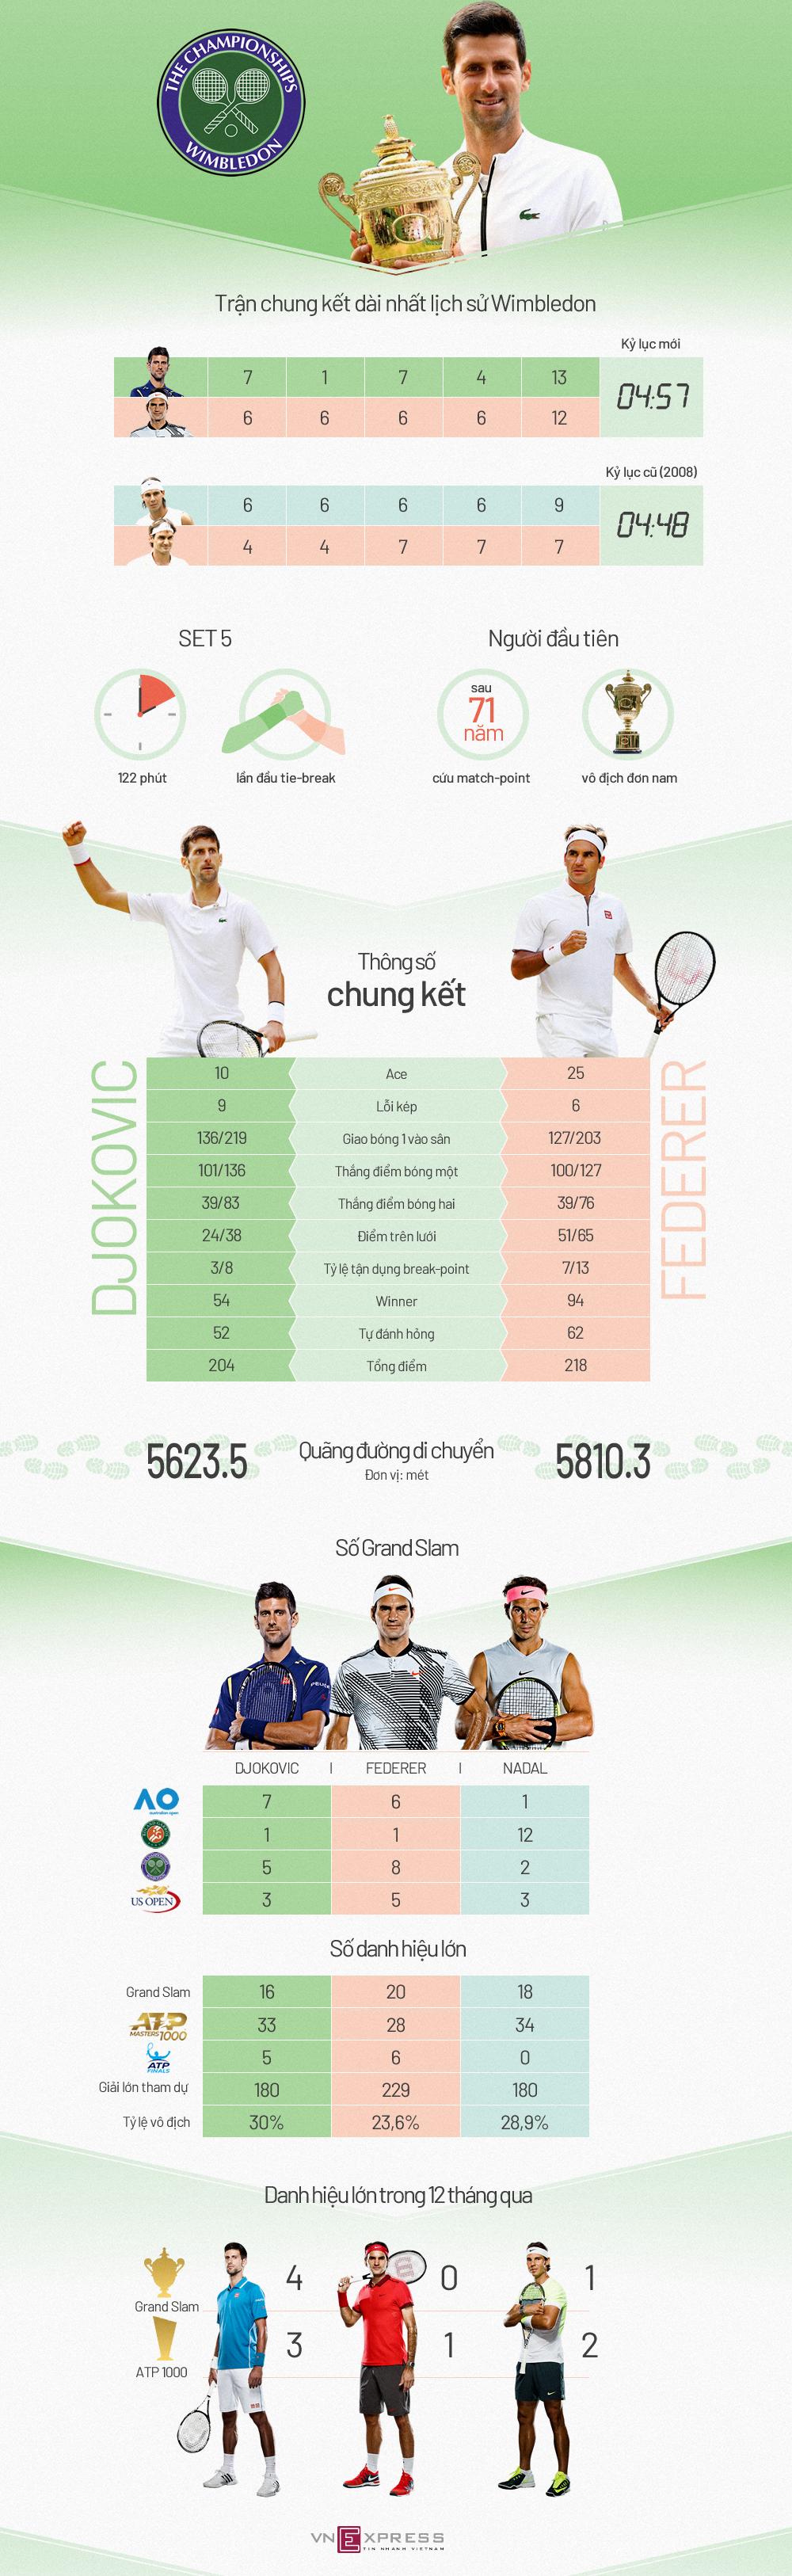 Djokovic và chức vô địch đáng nhớ tại Wimbledon 2019